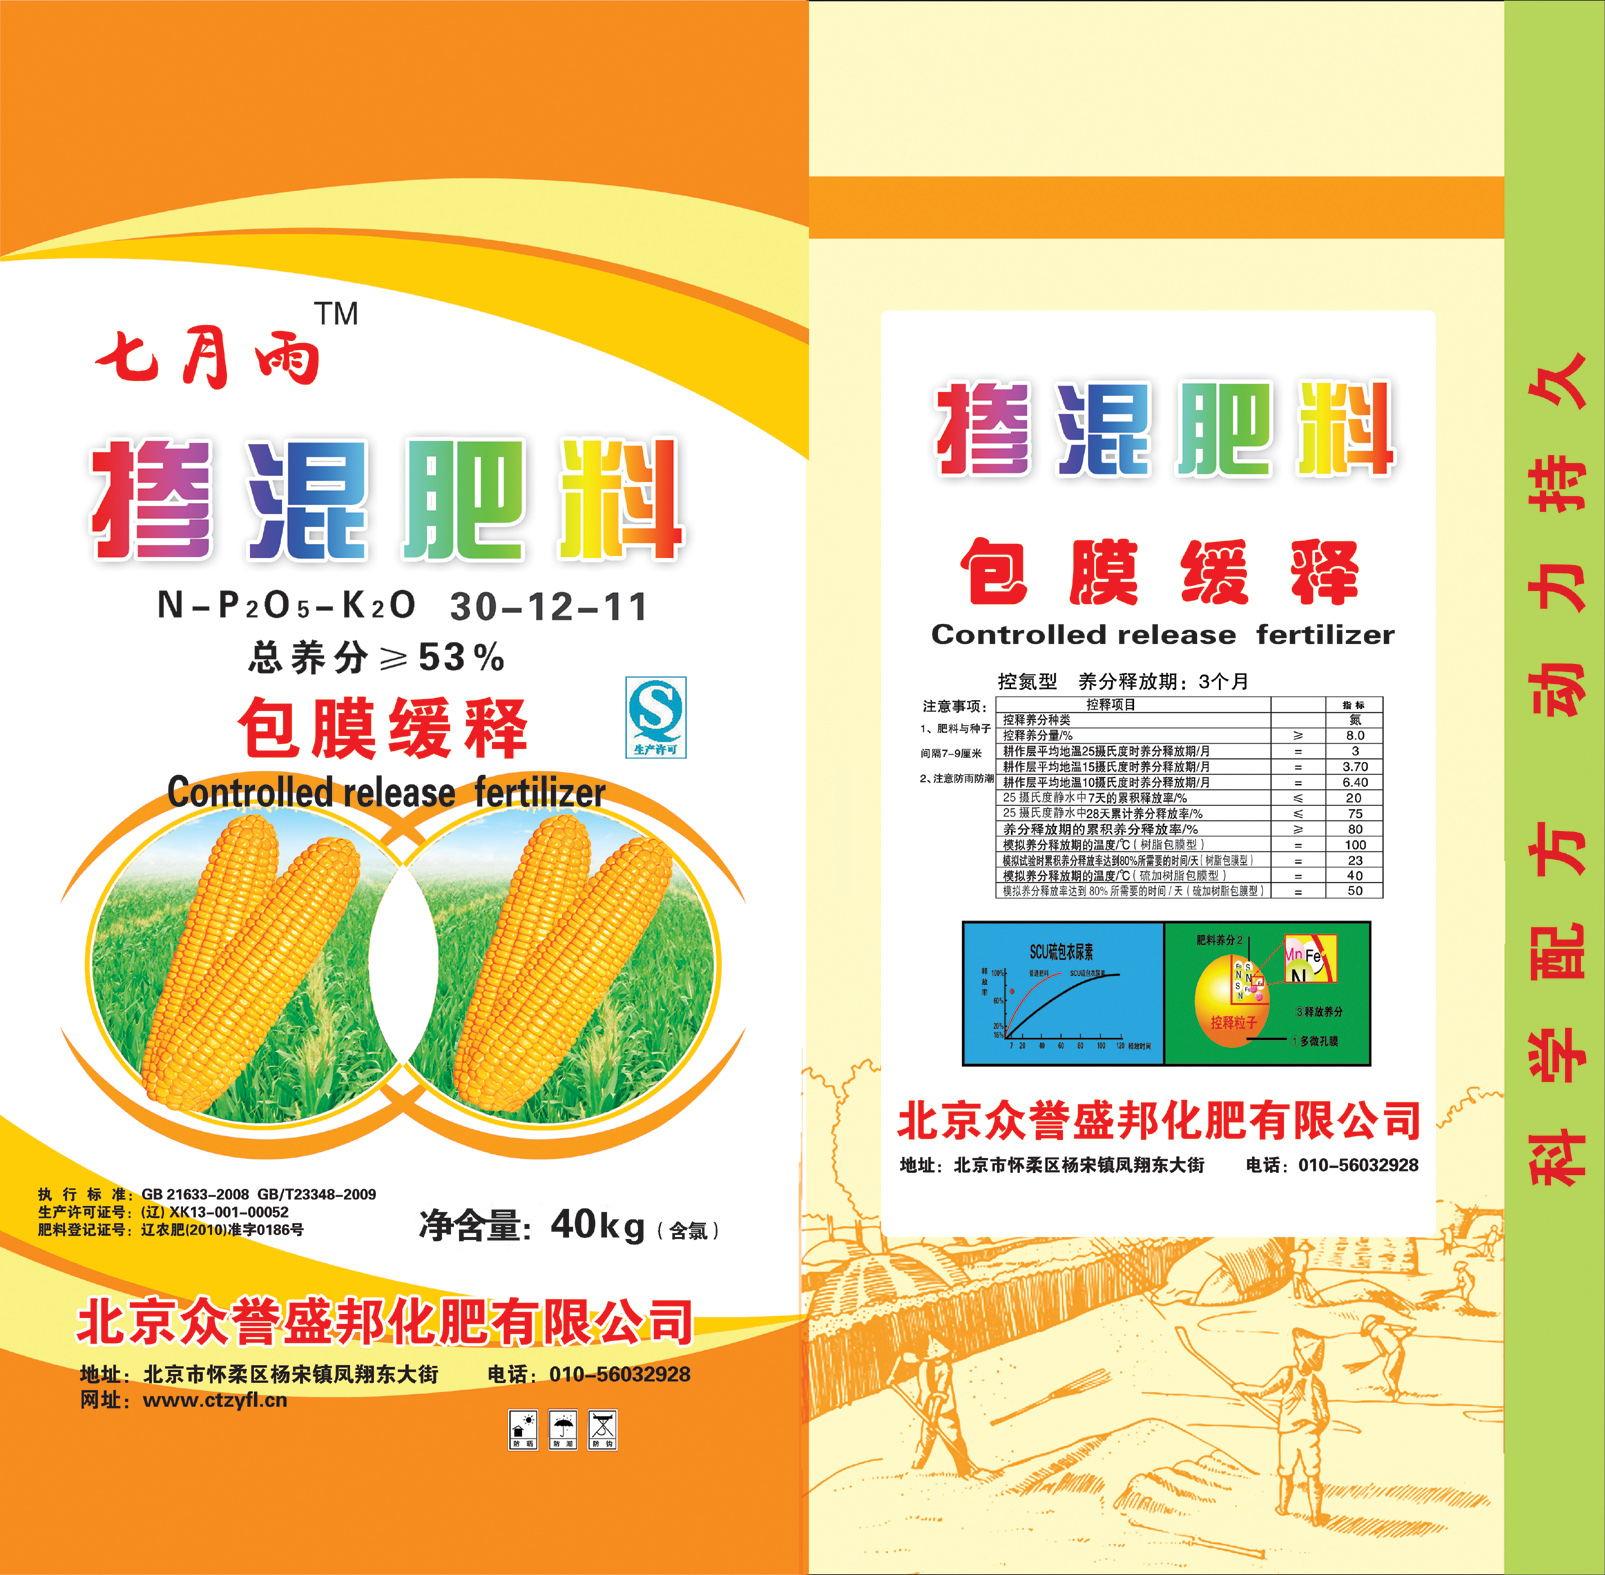 七月雨掺混肥料 包膜缓释40kg(53%)北京众誉盛邦化肥有限公司